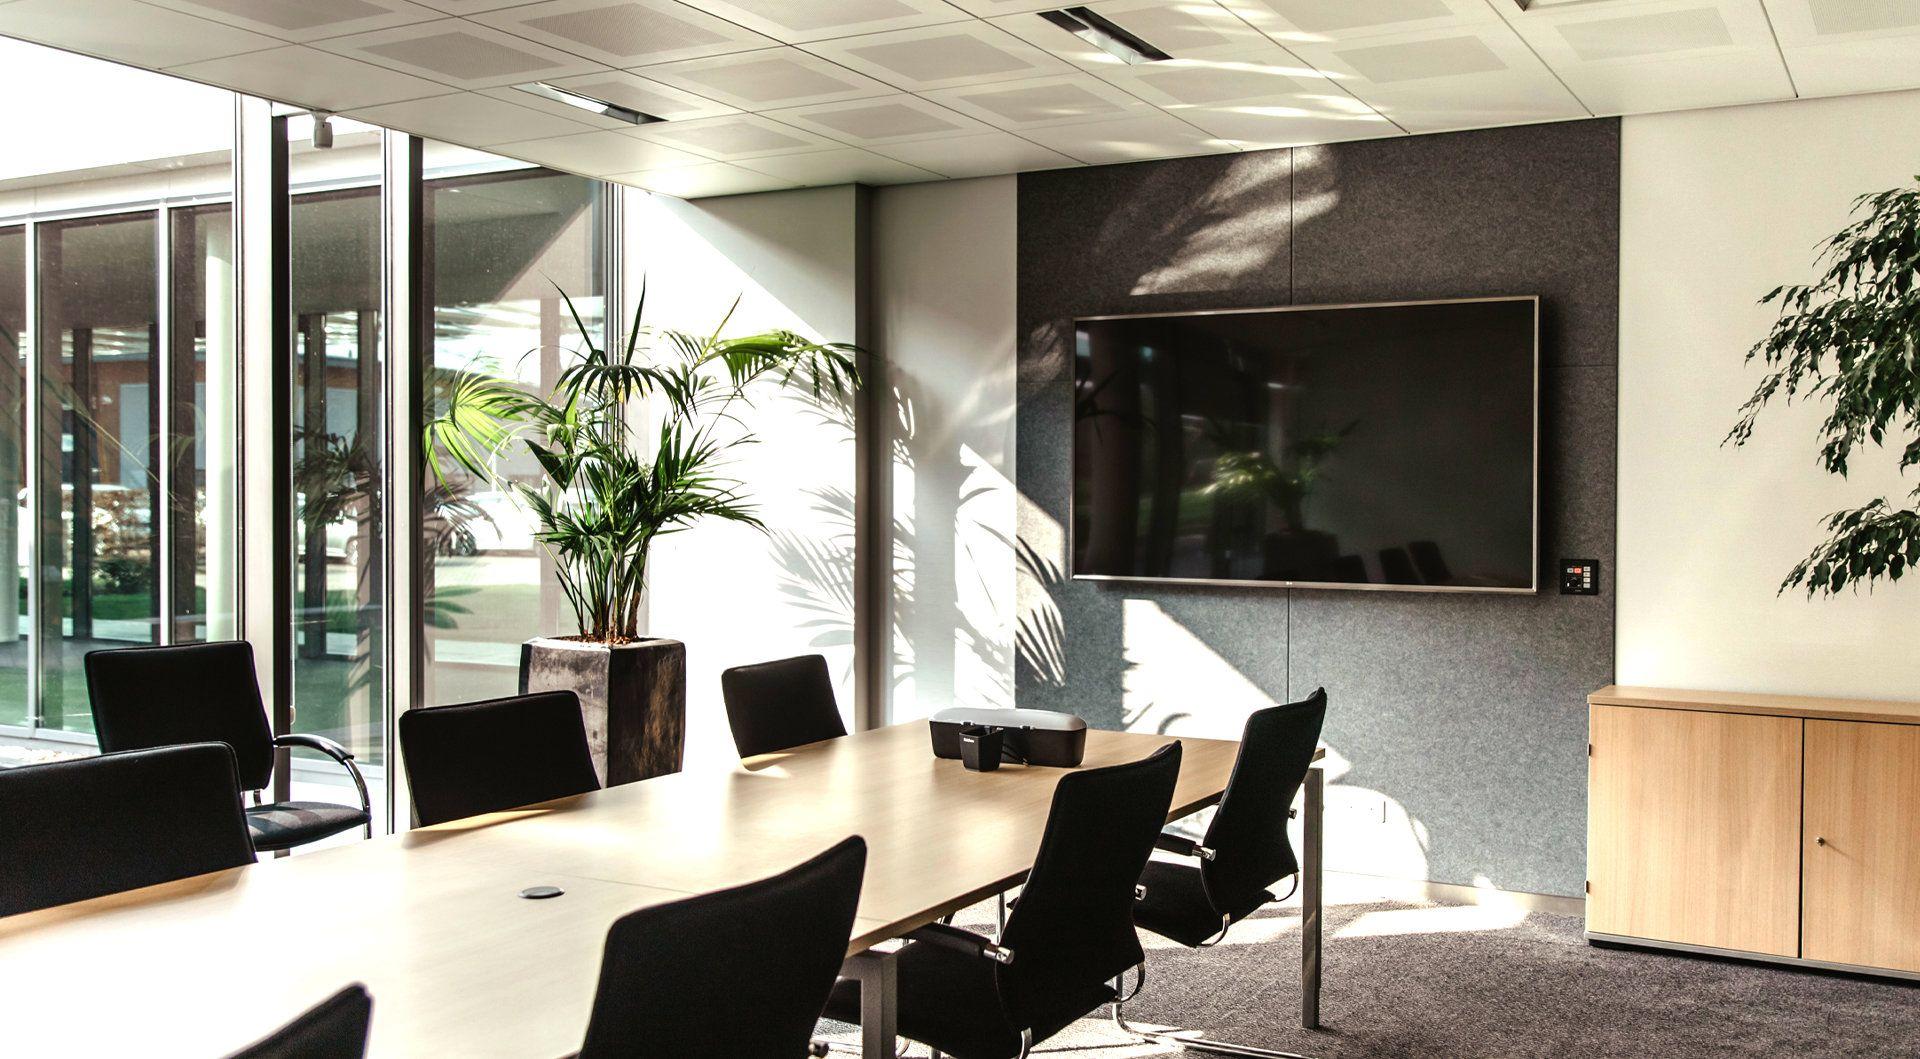 """LG 43TA3E beeldkrant 109,2 cm (43"""") LCD Full HD Touchscreen Interactief flatscreen Zwart - Case studie de vries"""